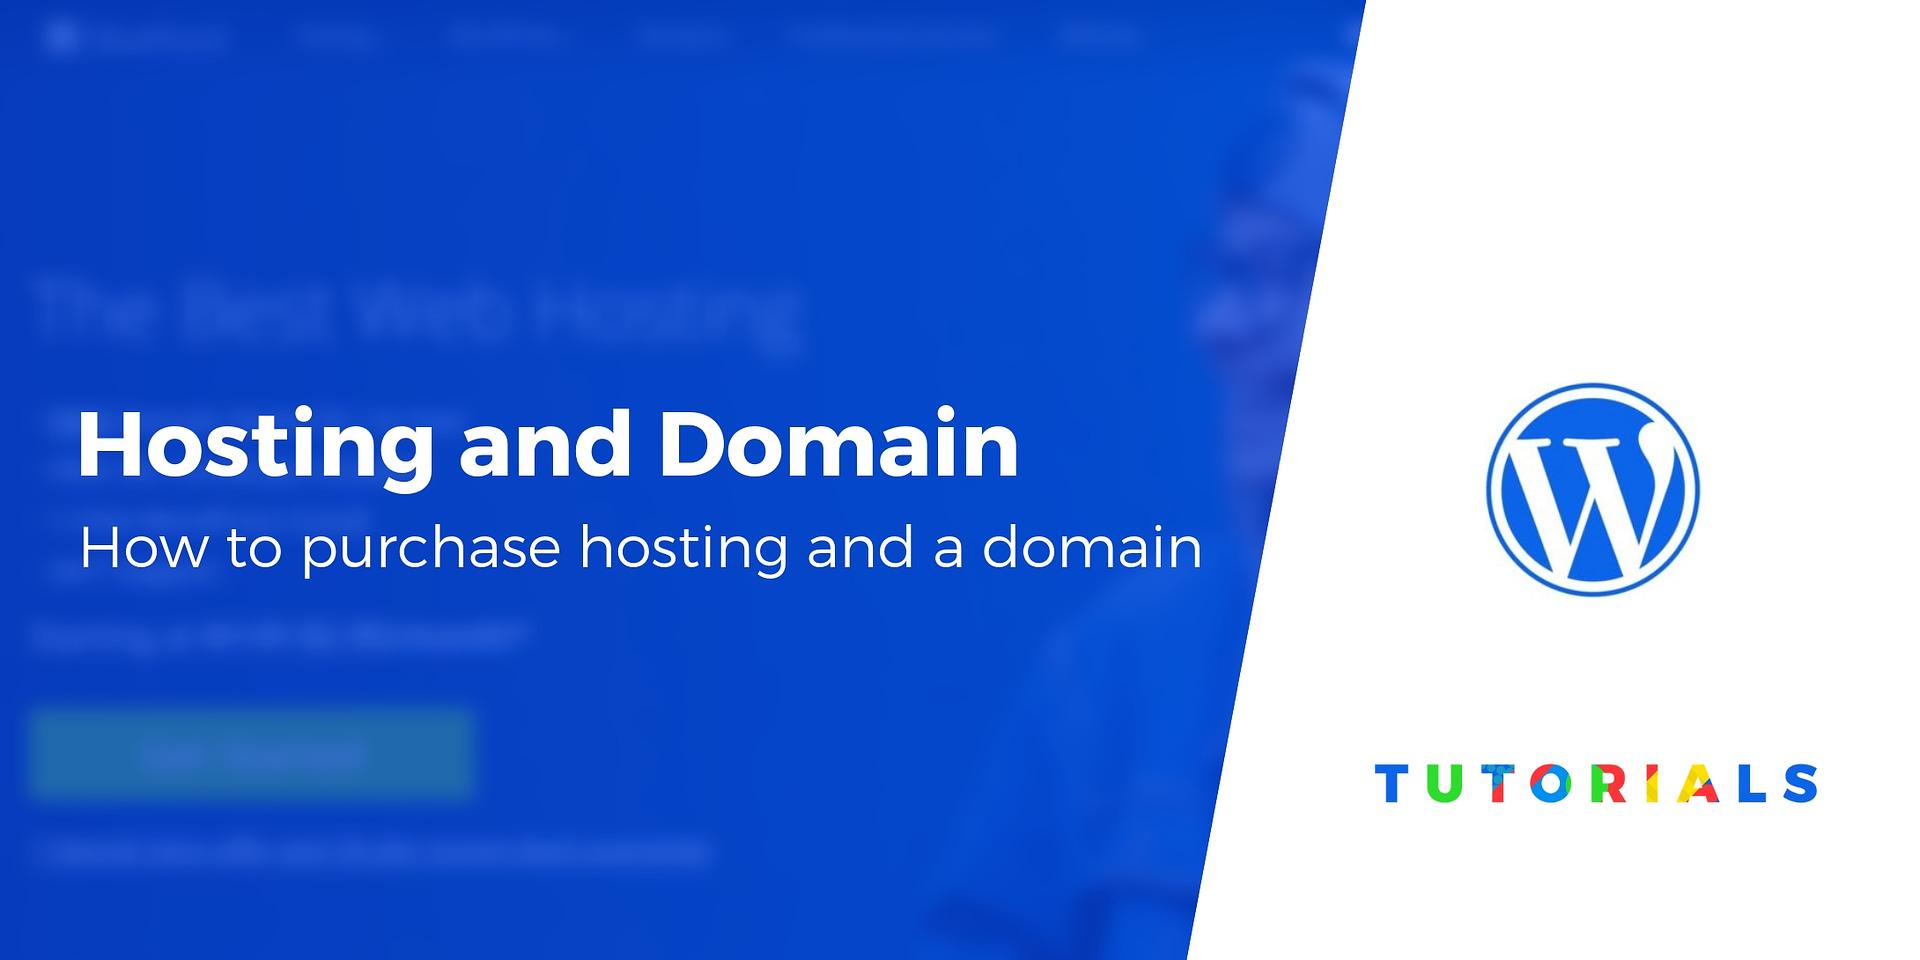 бесплатный хостинг серверов террарии